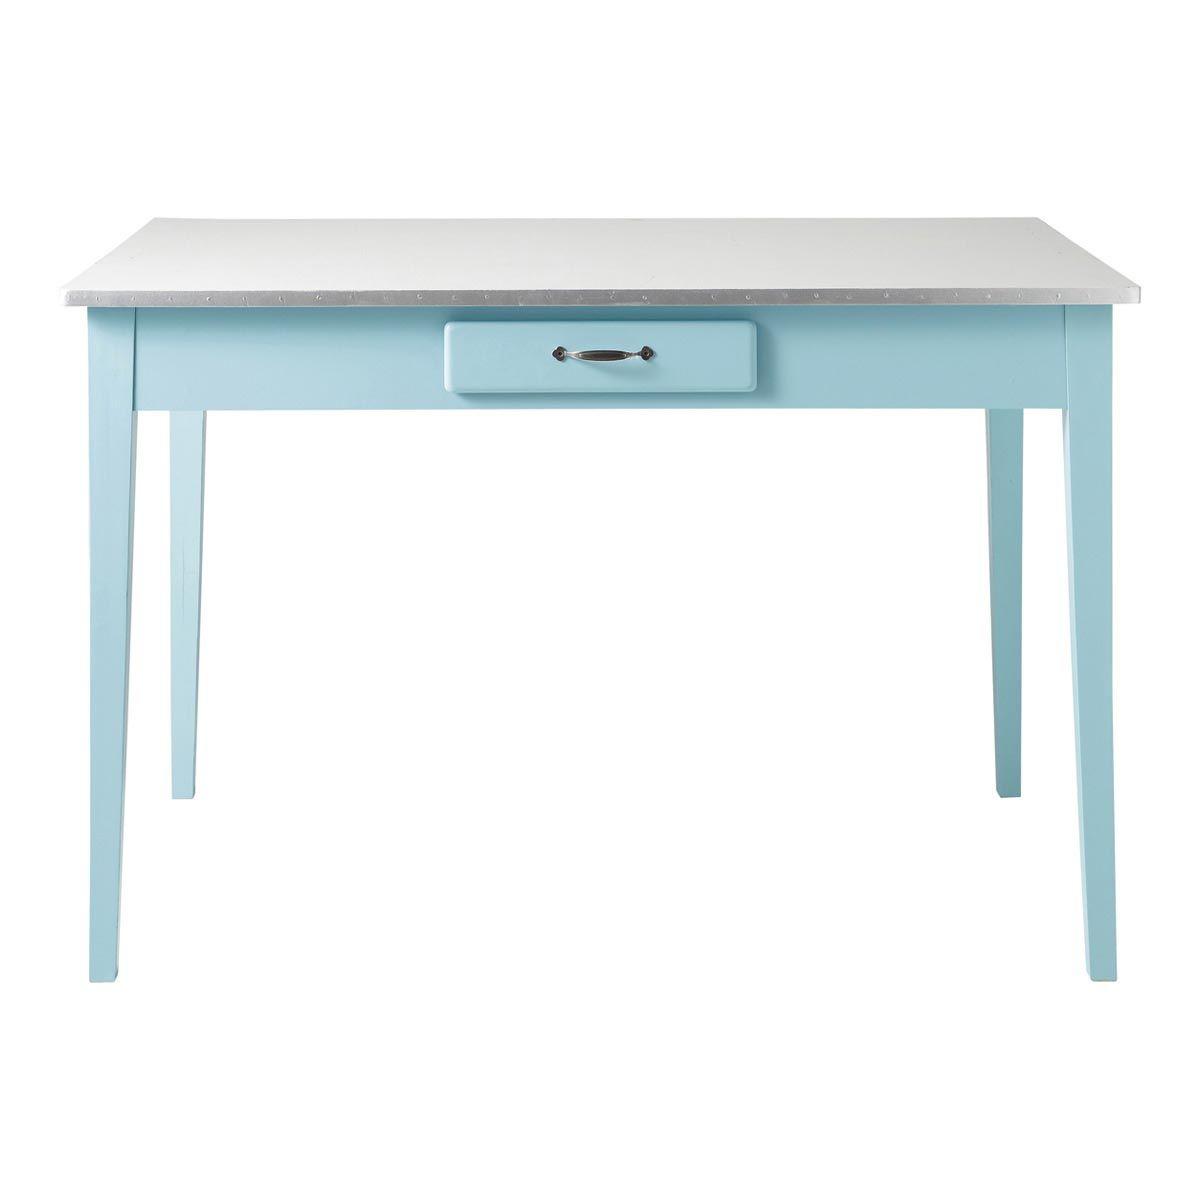 Tavolo blu per sala da pranzo in legno L 120 cm Kitchen | cucina ...